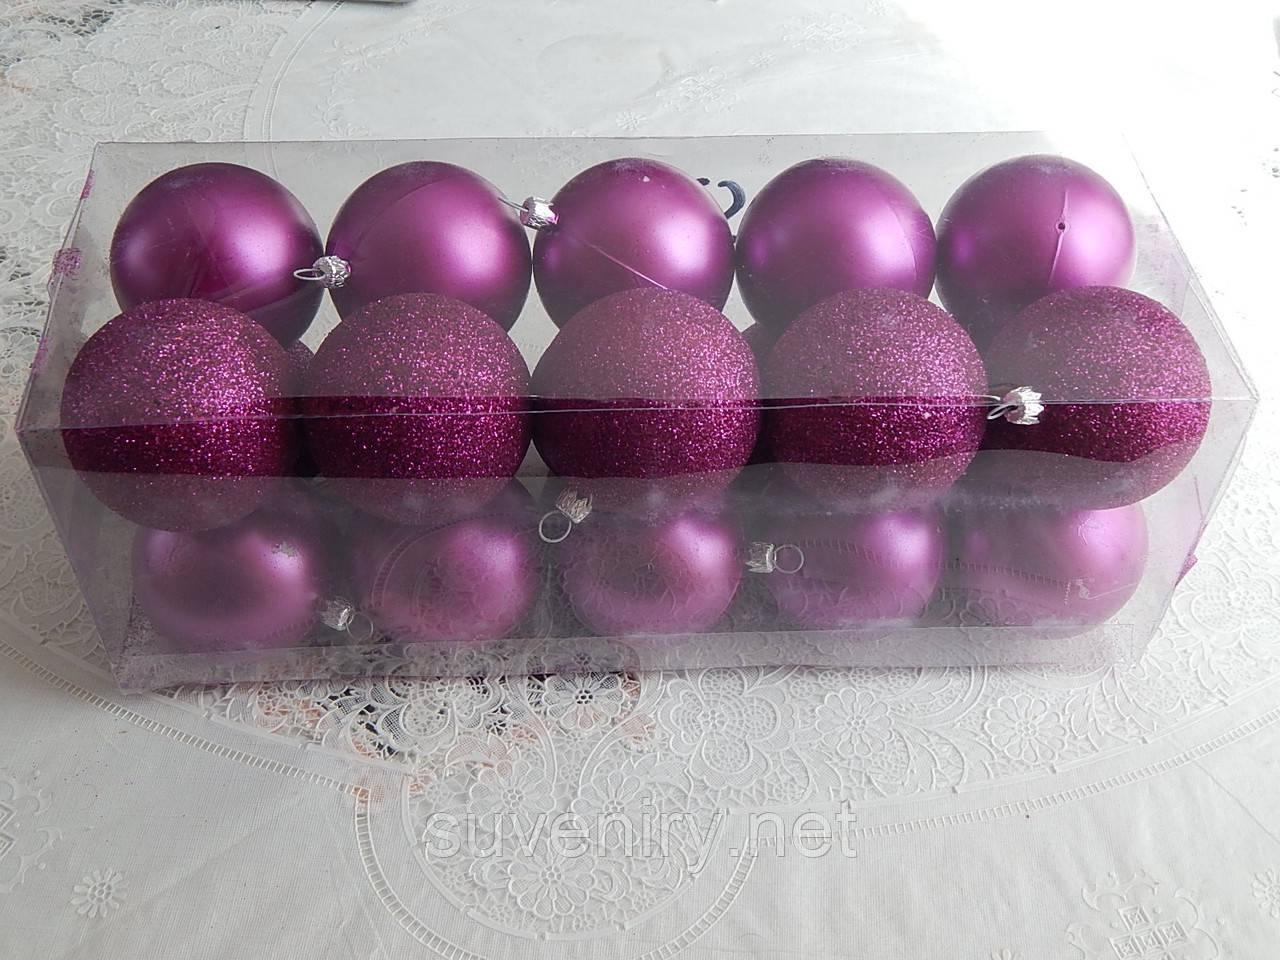 Наборы с новогодними шарами есть разные цвета